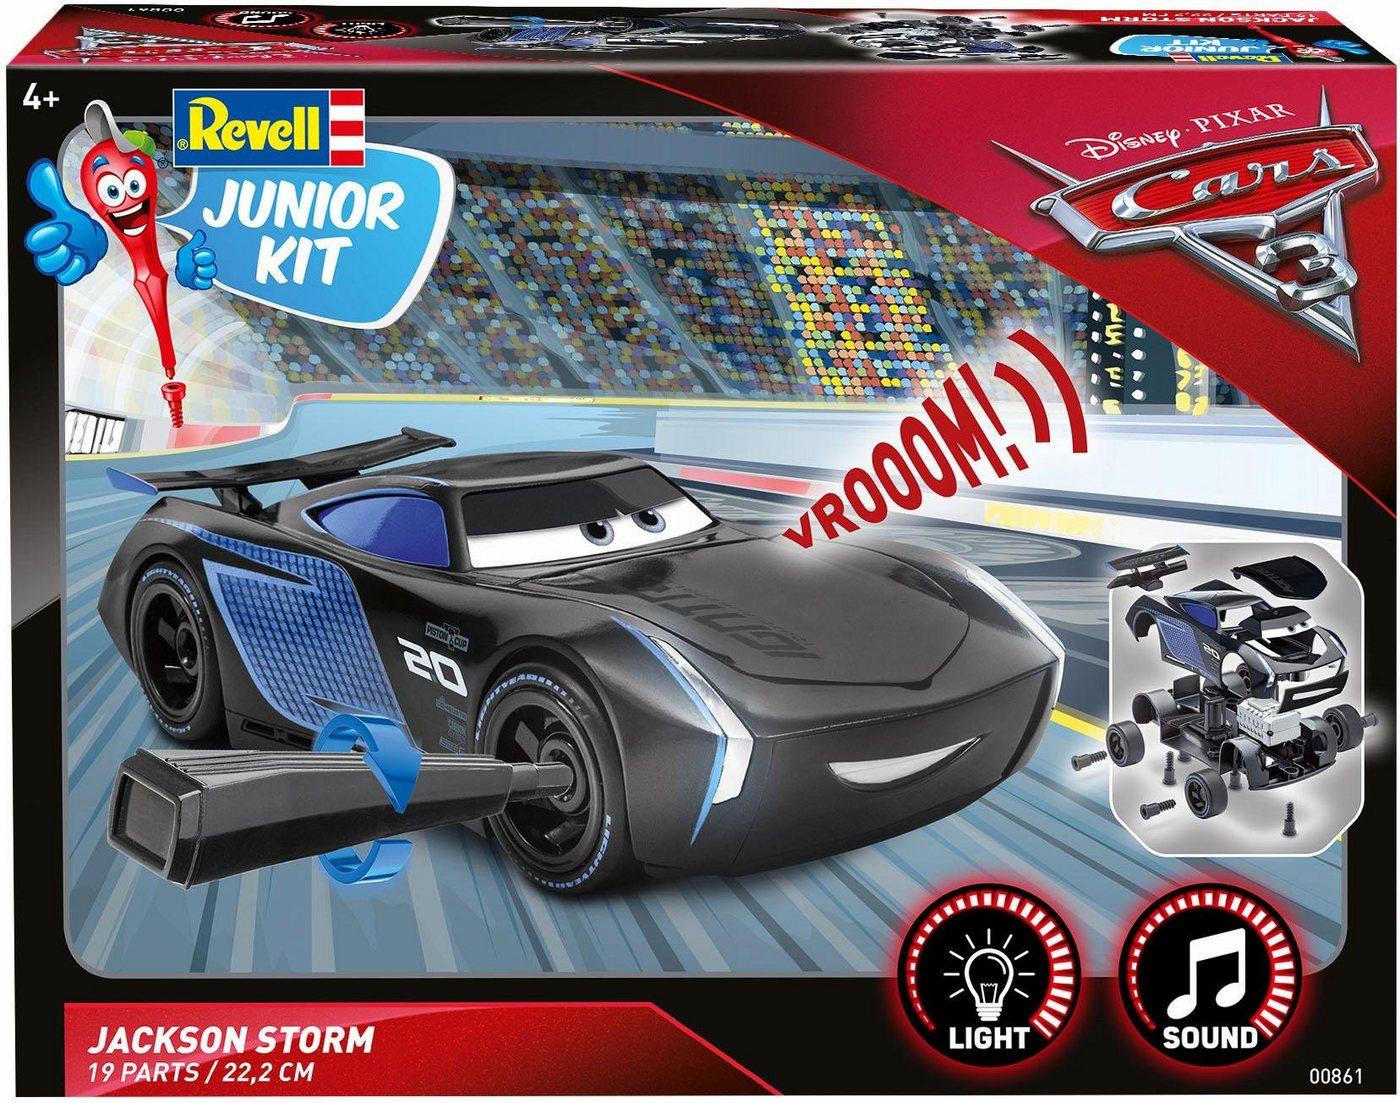 Revell Modellbausatz Auto mit Licht und Sound, »Junior Kit Disney Cars Jackson Storm«